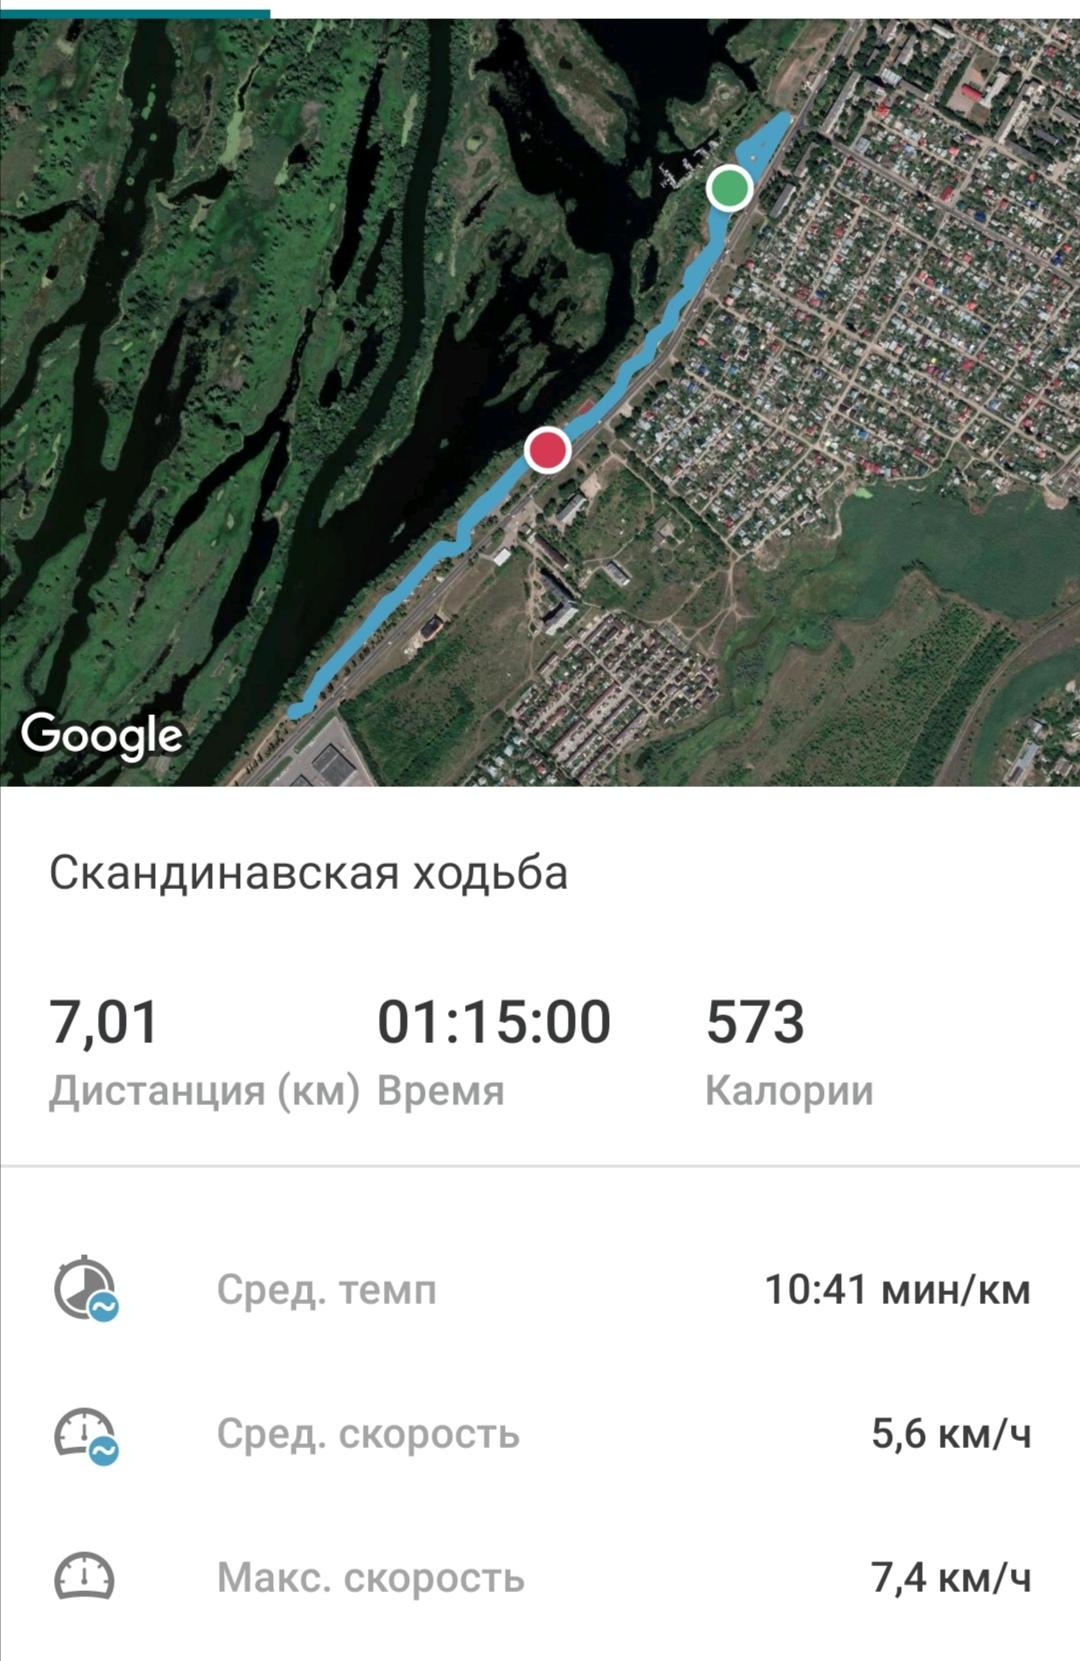 Медленно двигалась. Но свои семь километров прошла